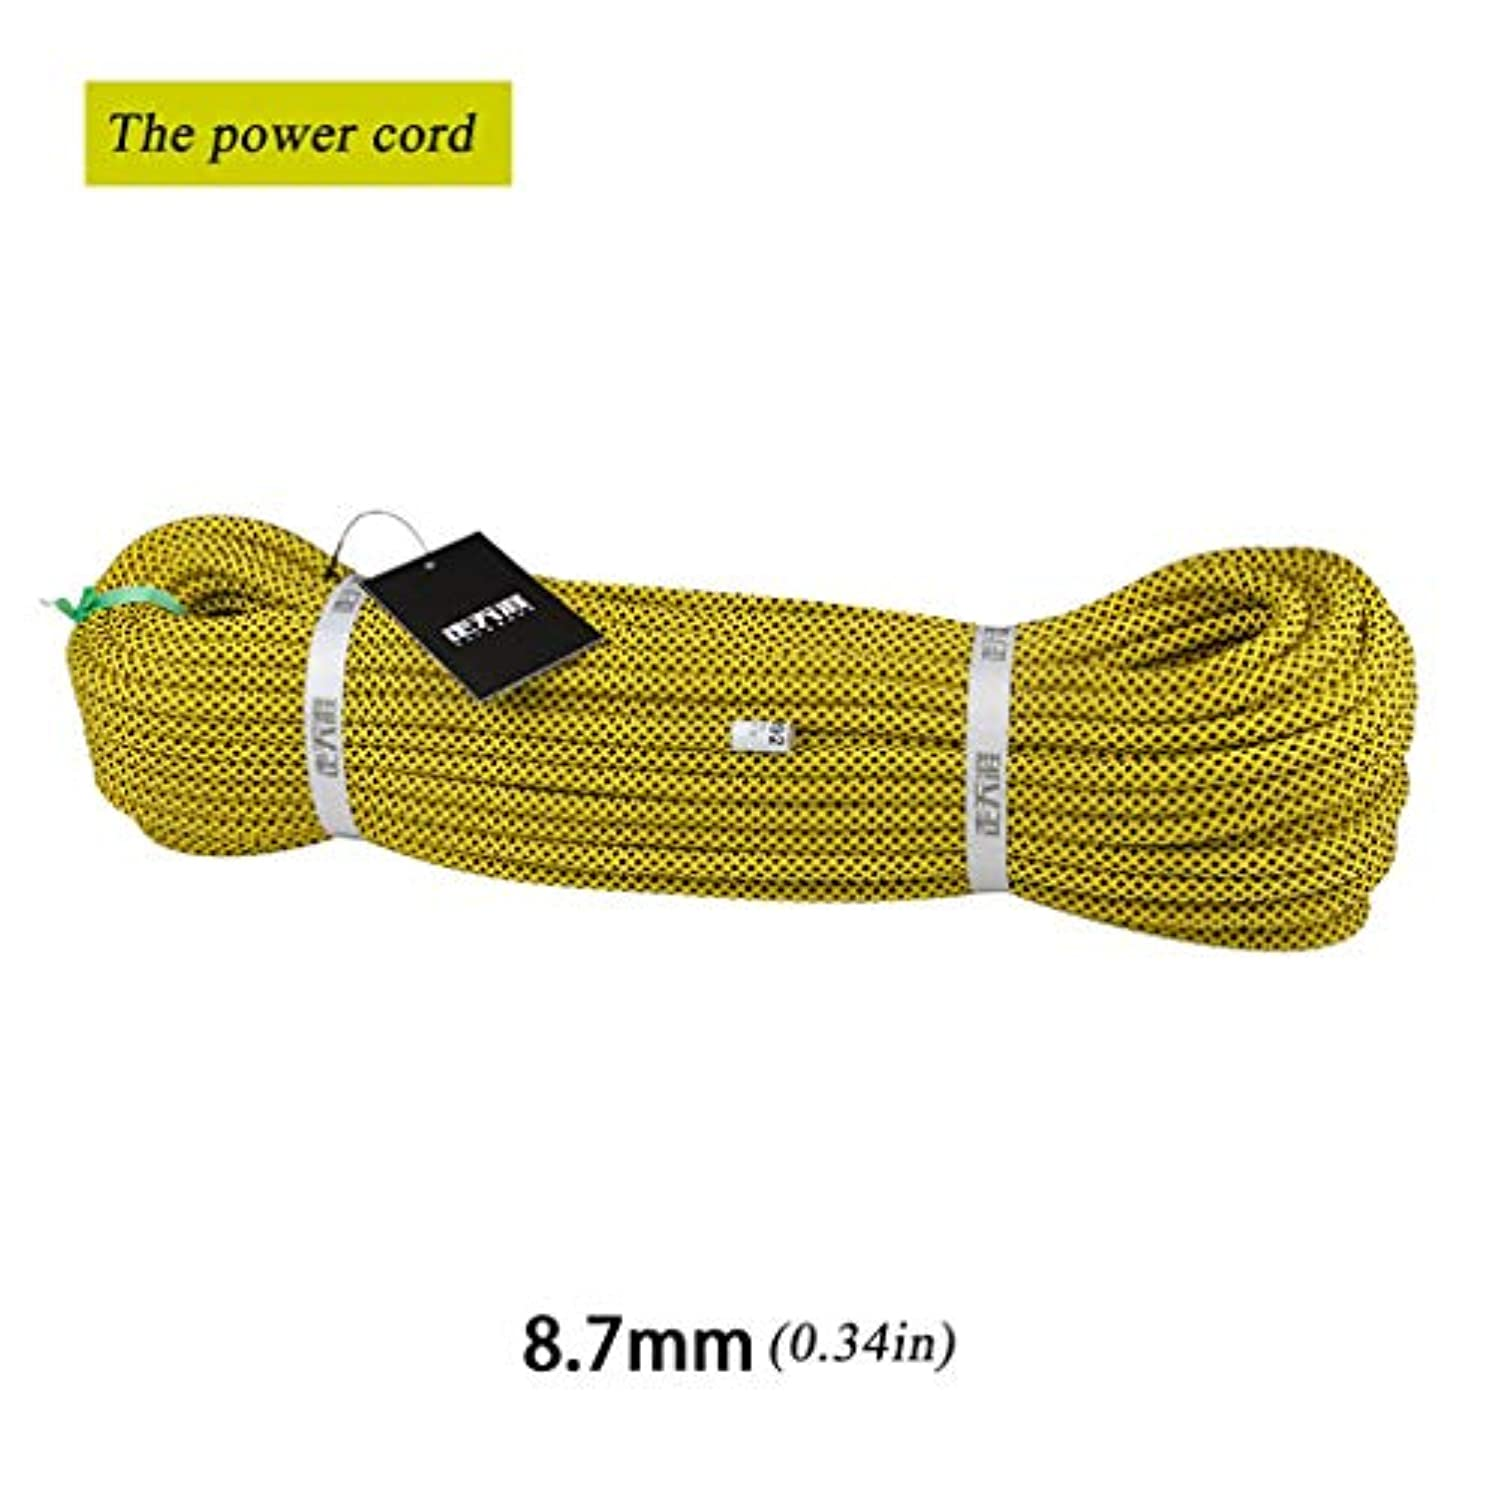 折るイベント届けるロープ(張り綱) 電源コード屋外クライミングロープロック保護安全ロープ高高度落下保護ロープΦ8.7mm(0.34in) (Size : 10m(32.8ft))